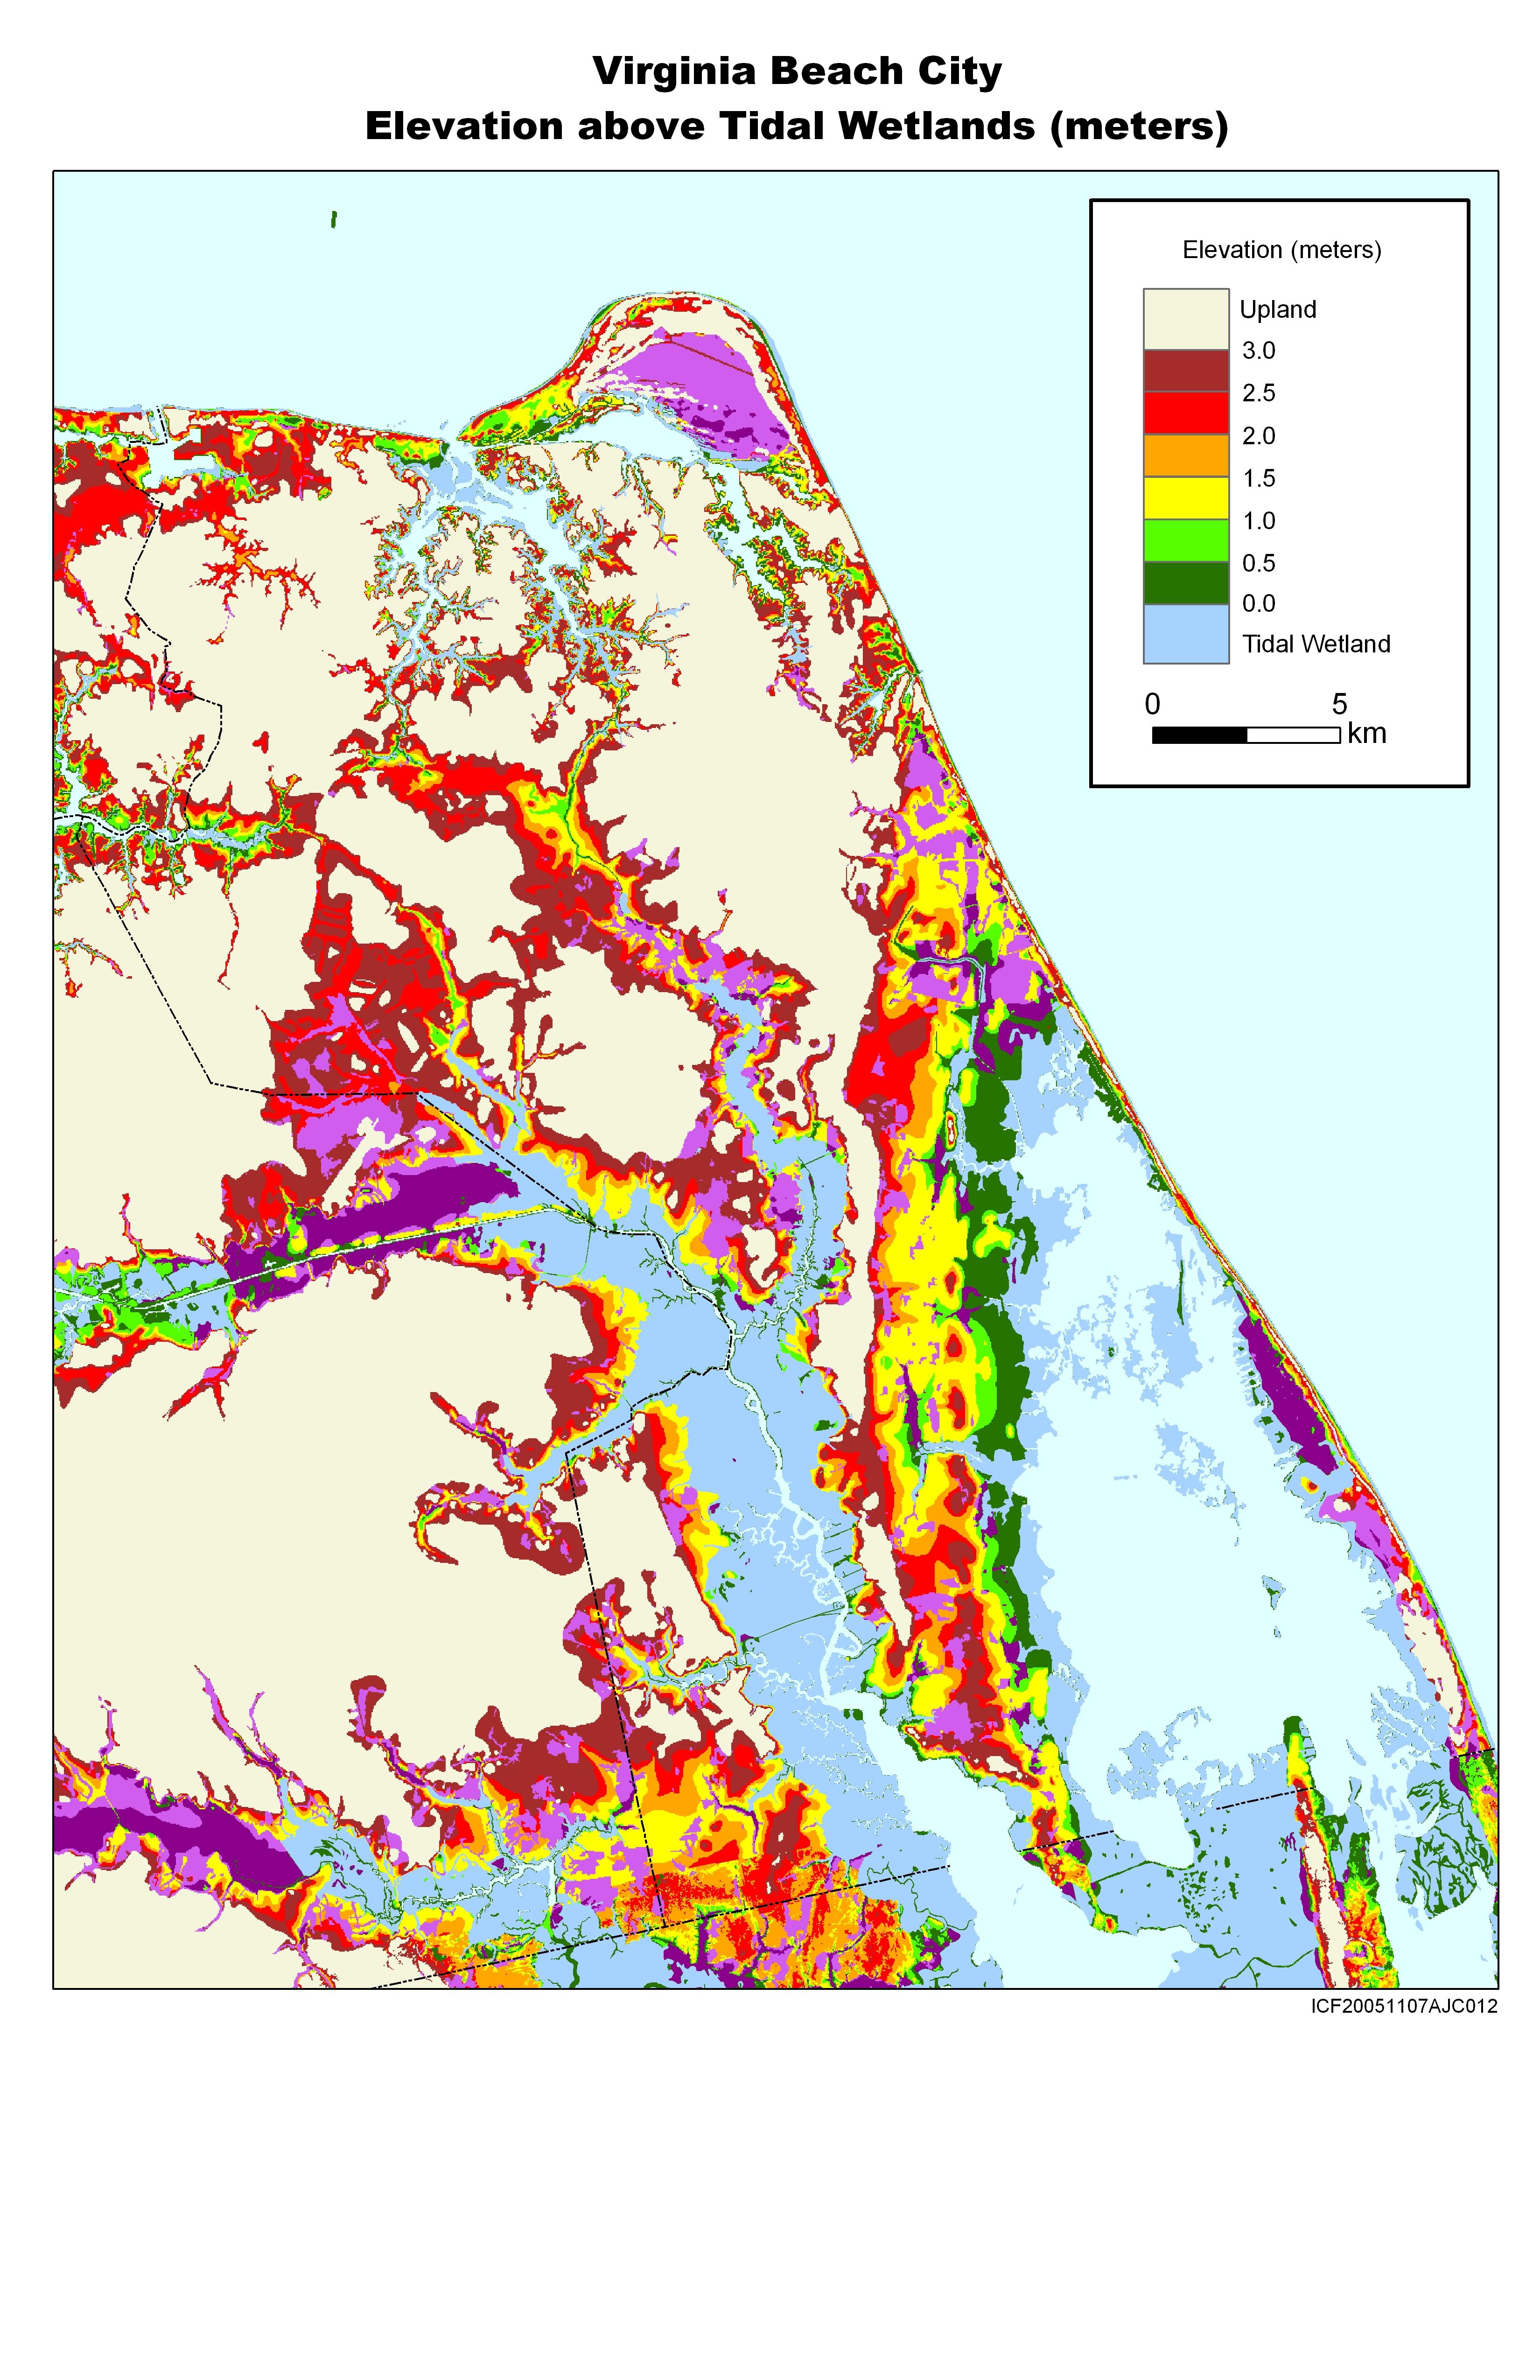 Sea Level Rise Maps for Virginia